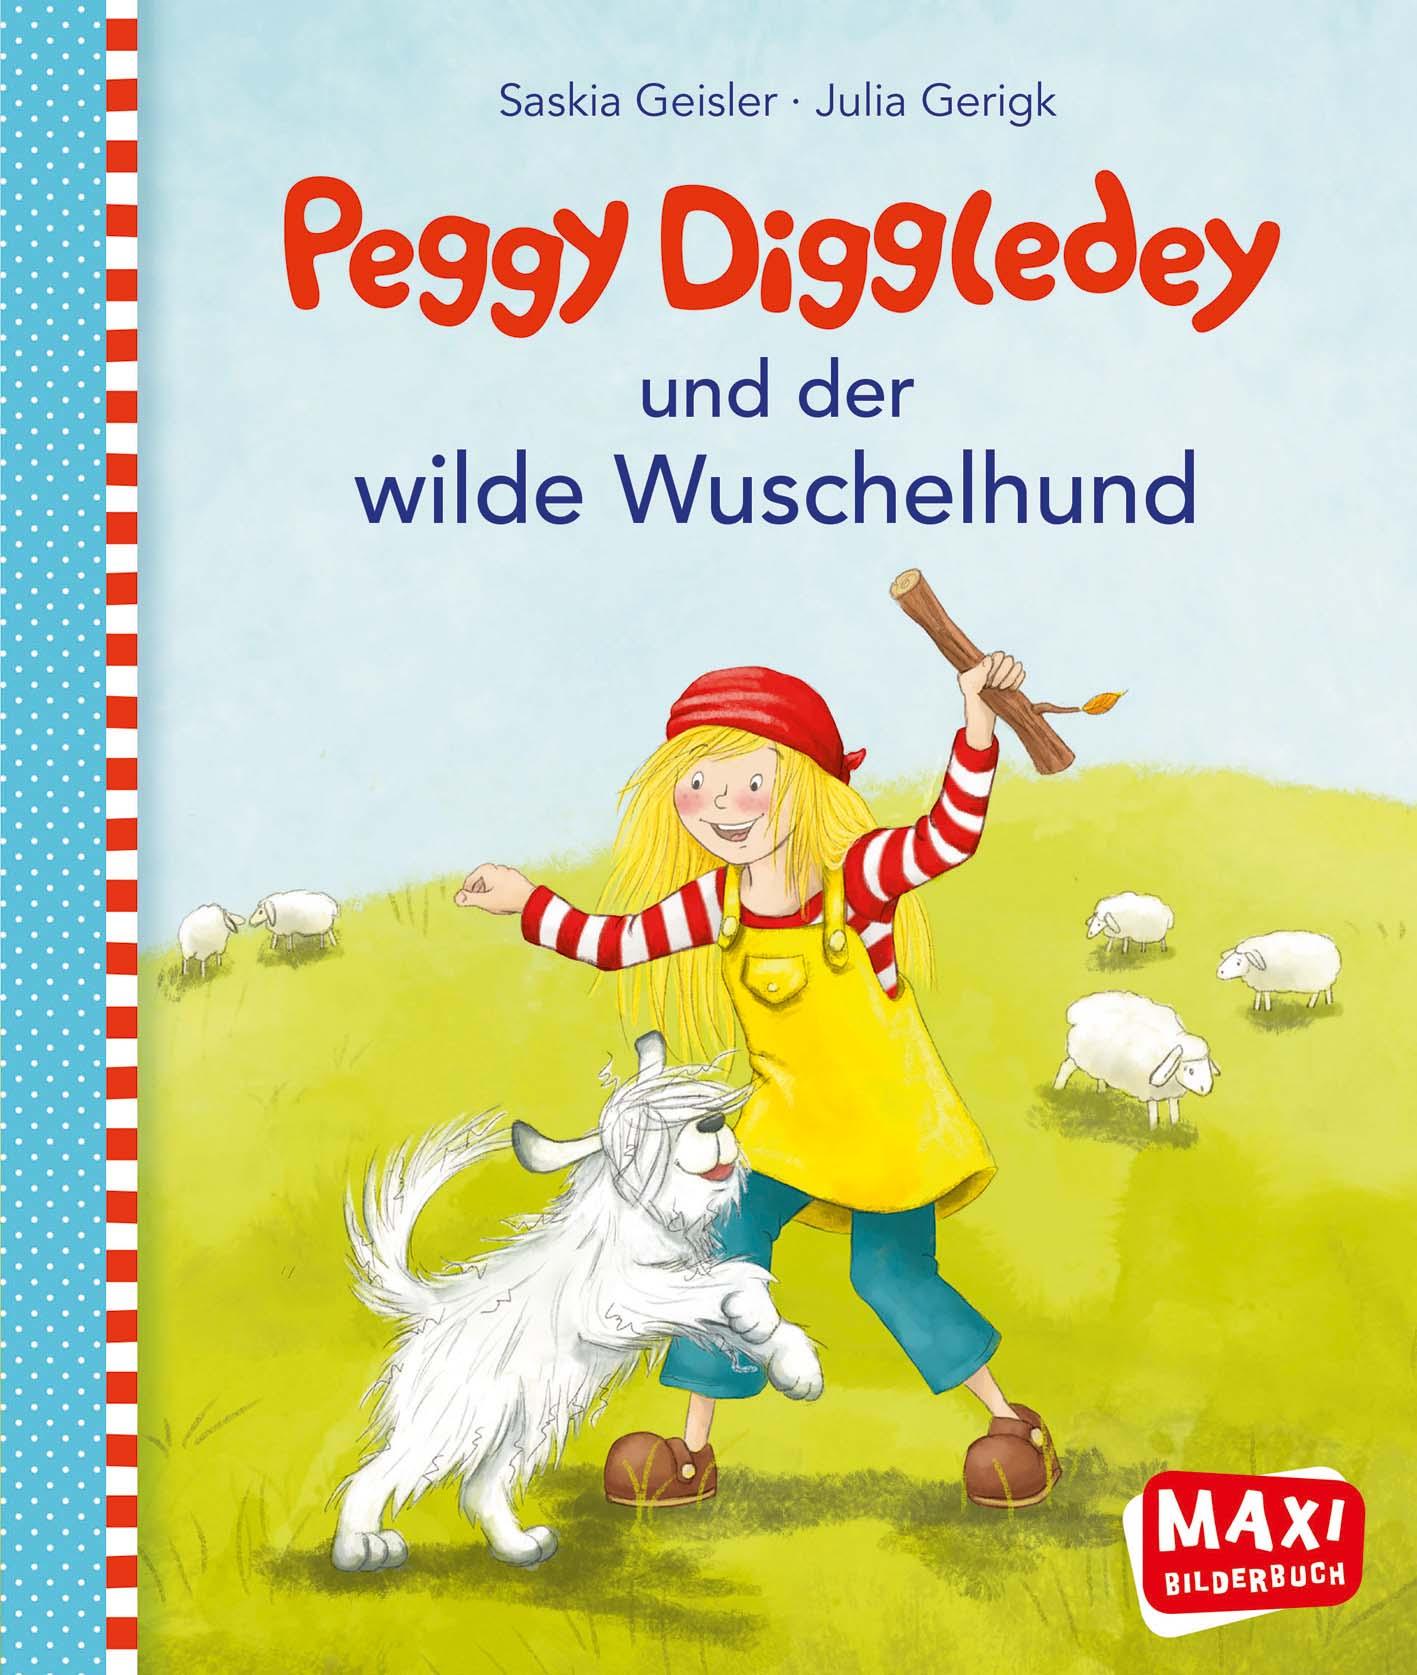 Maxibuch Peggy Diggledey und der wilde Wuschelhund